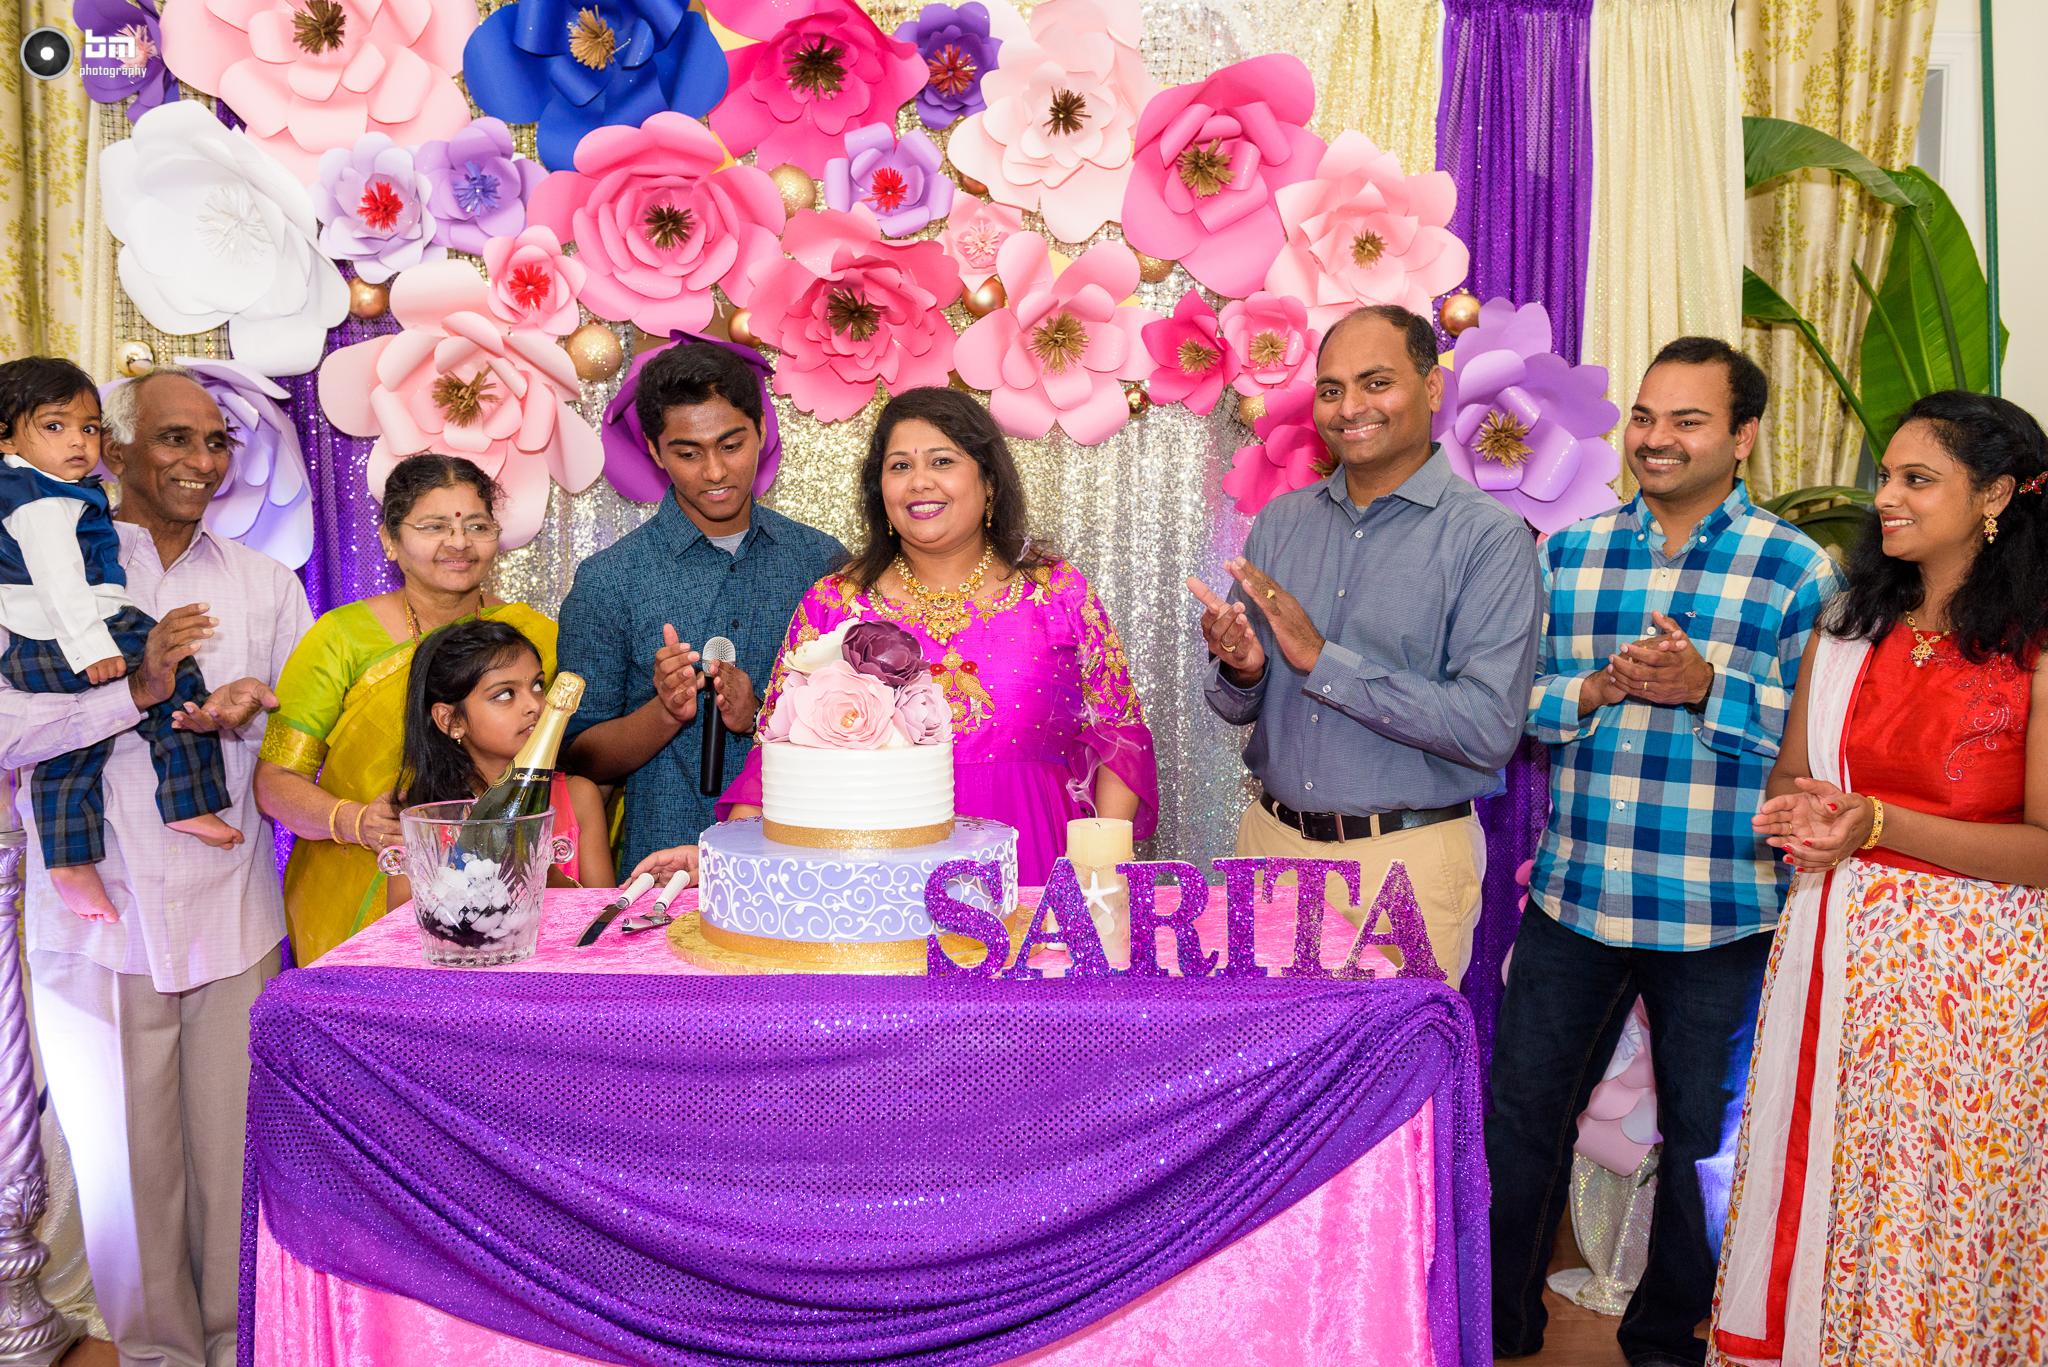 SARITA_0158